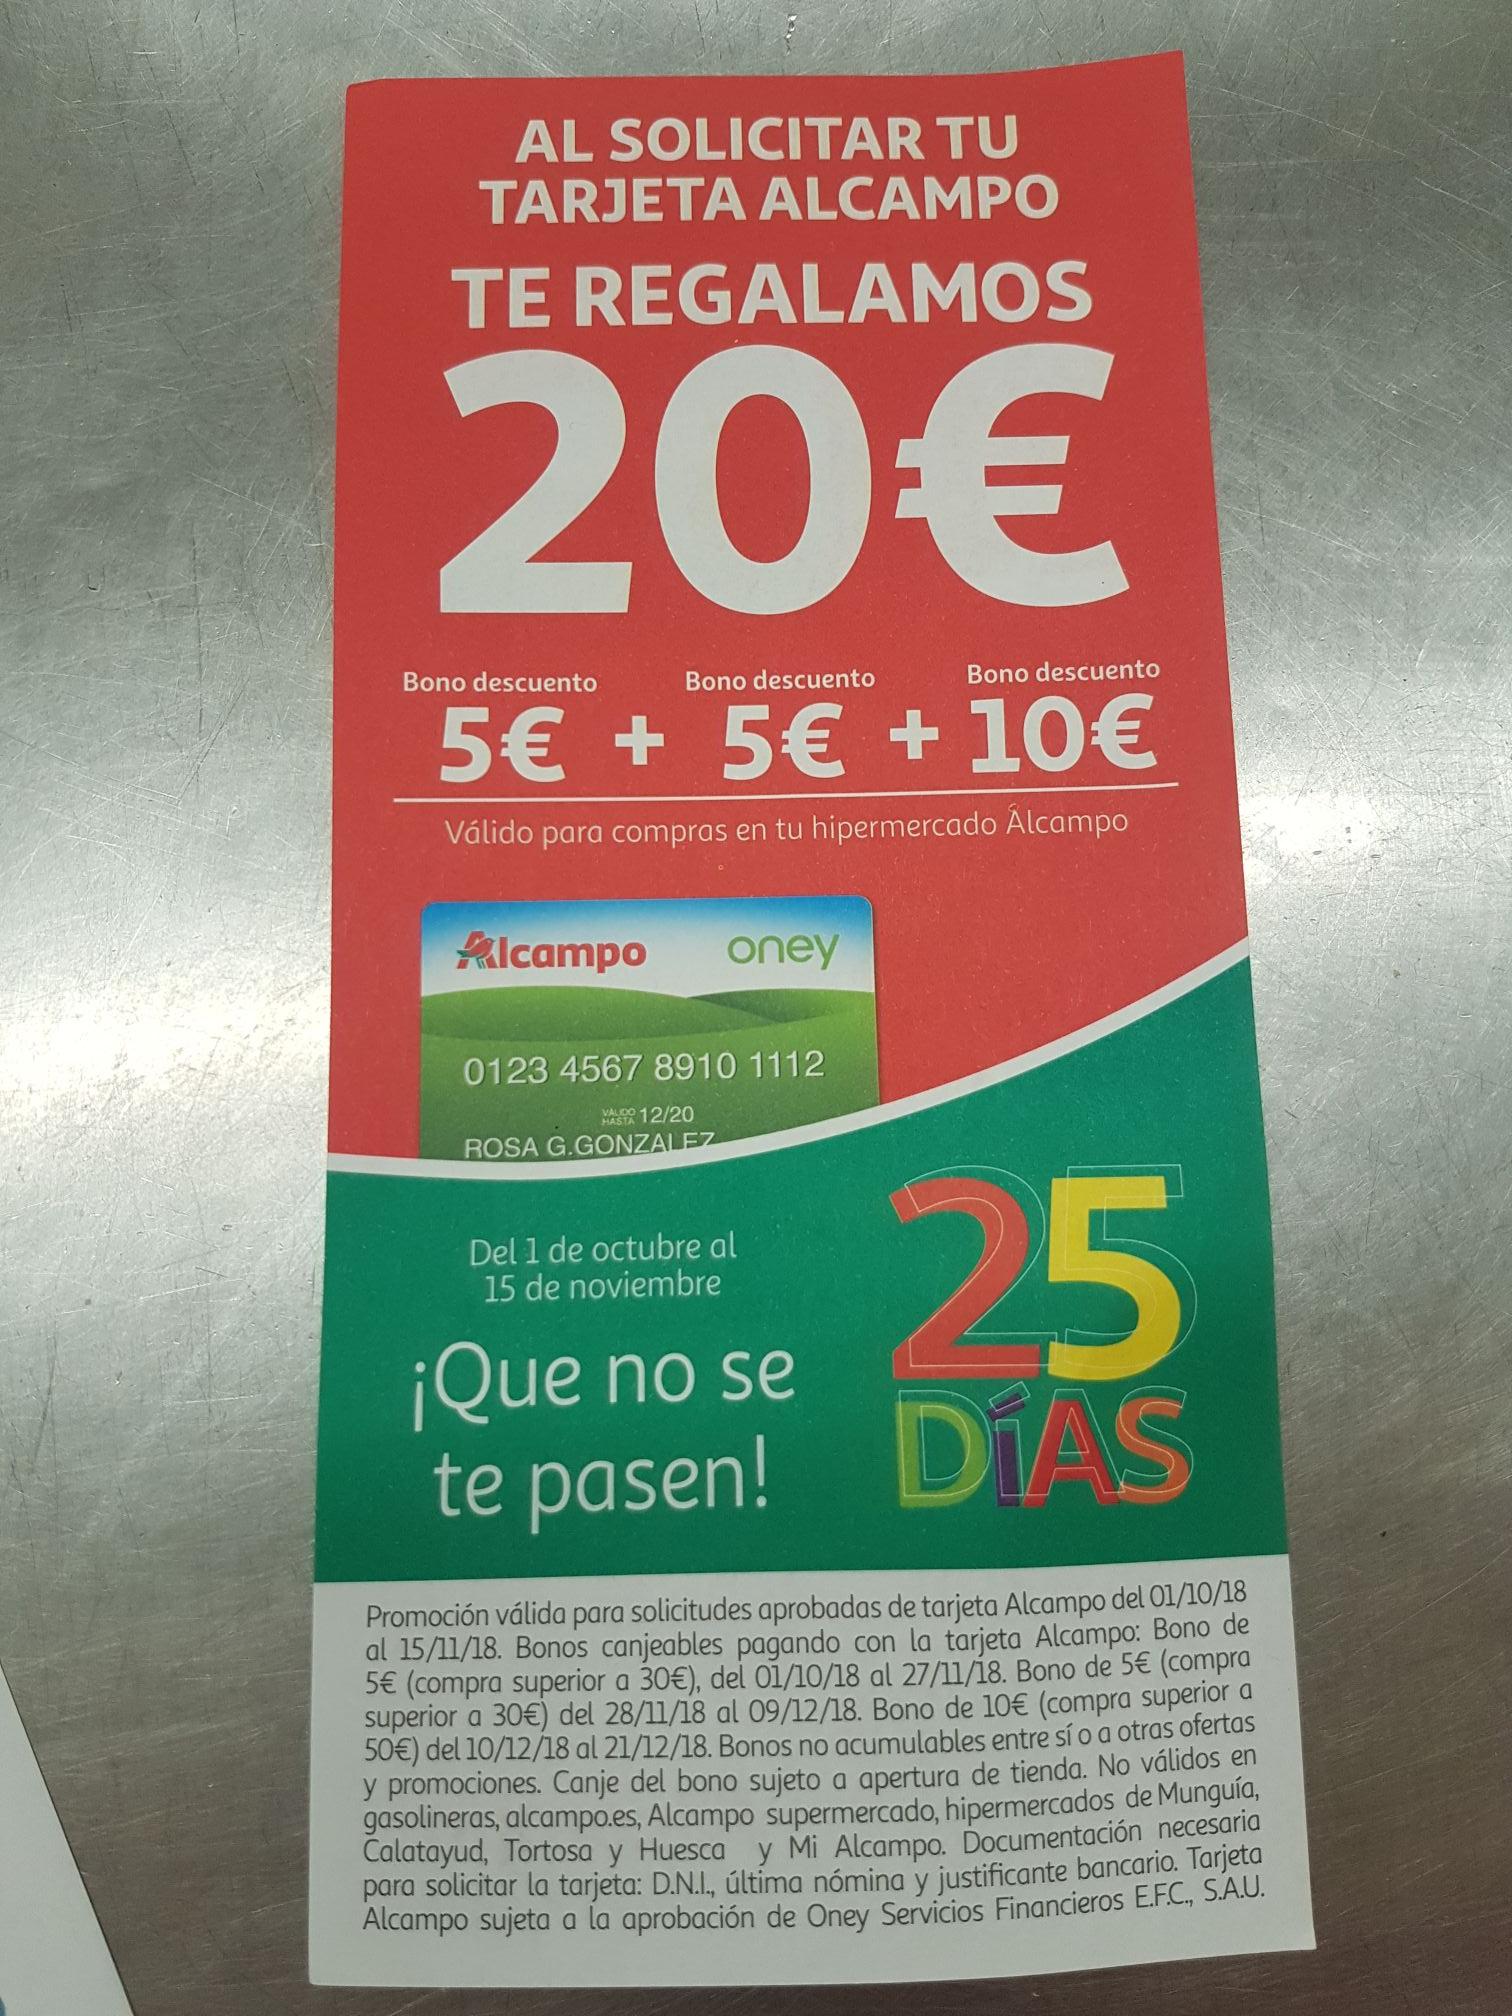 20€ regalo alcampo al solicitar la tarjeta